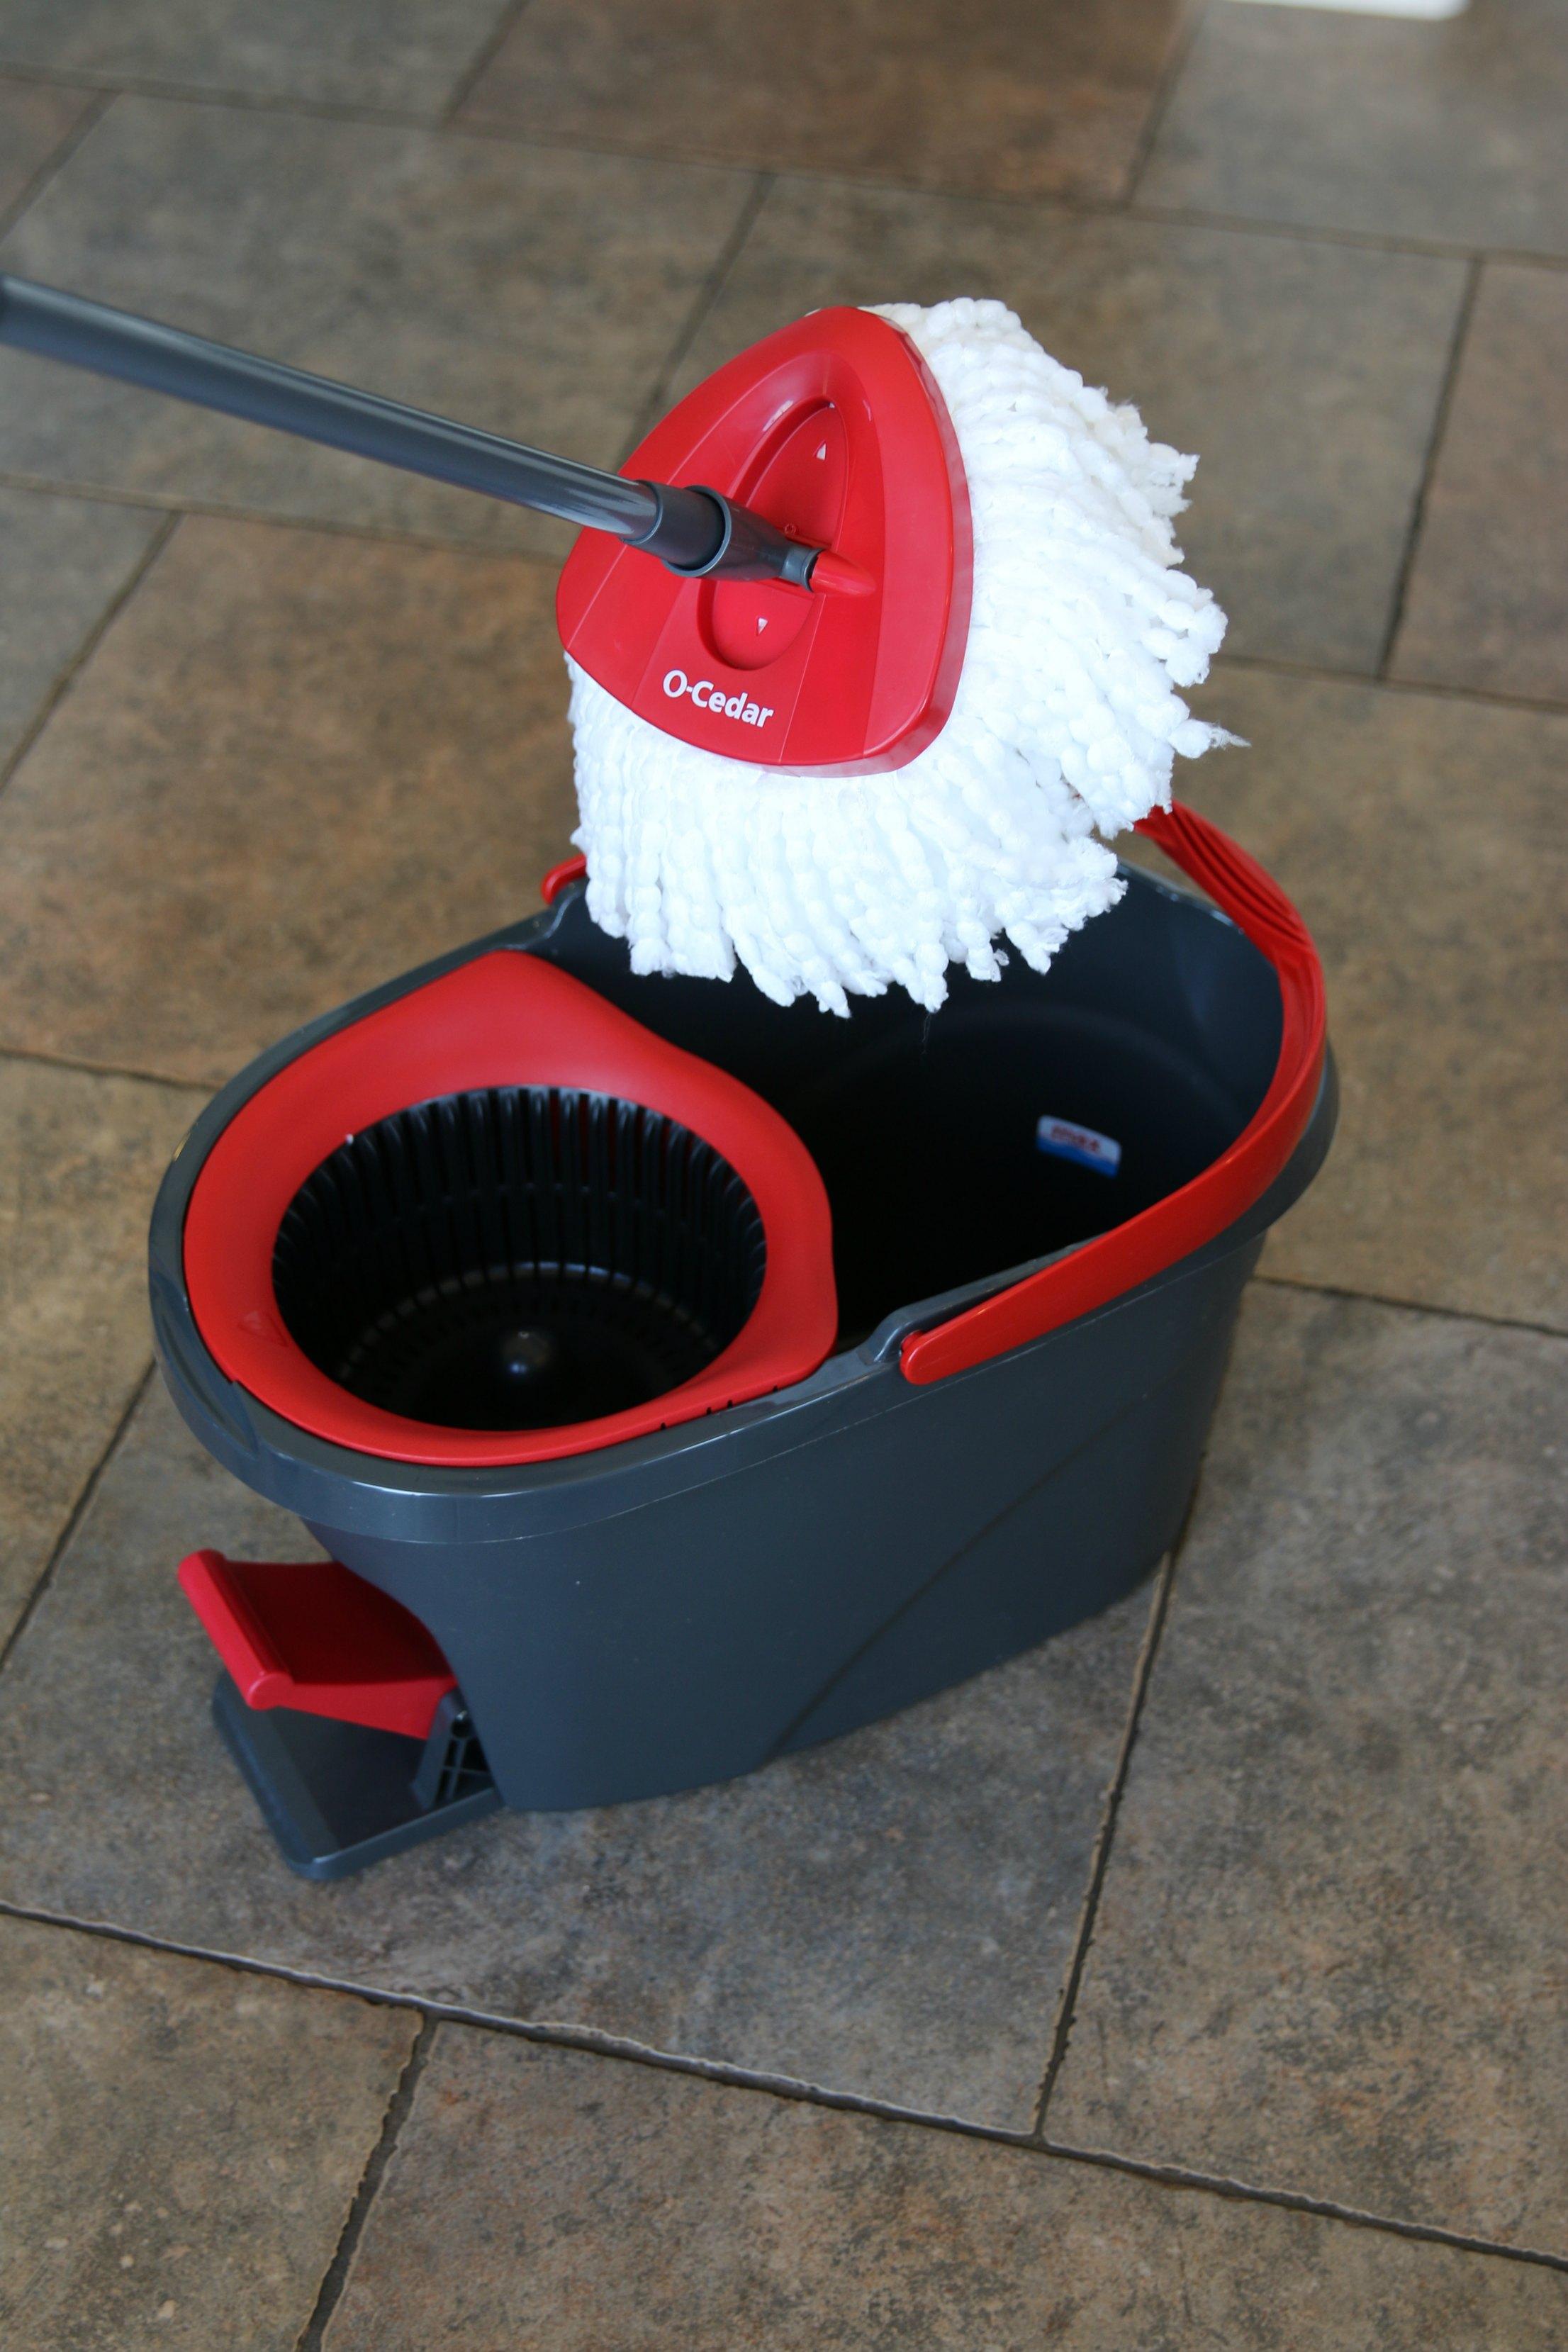 new mop at walmart